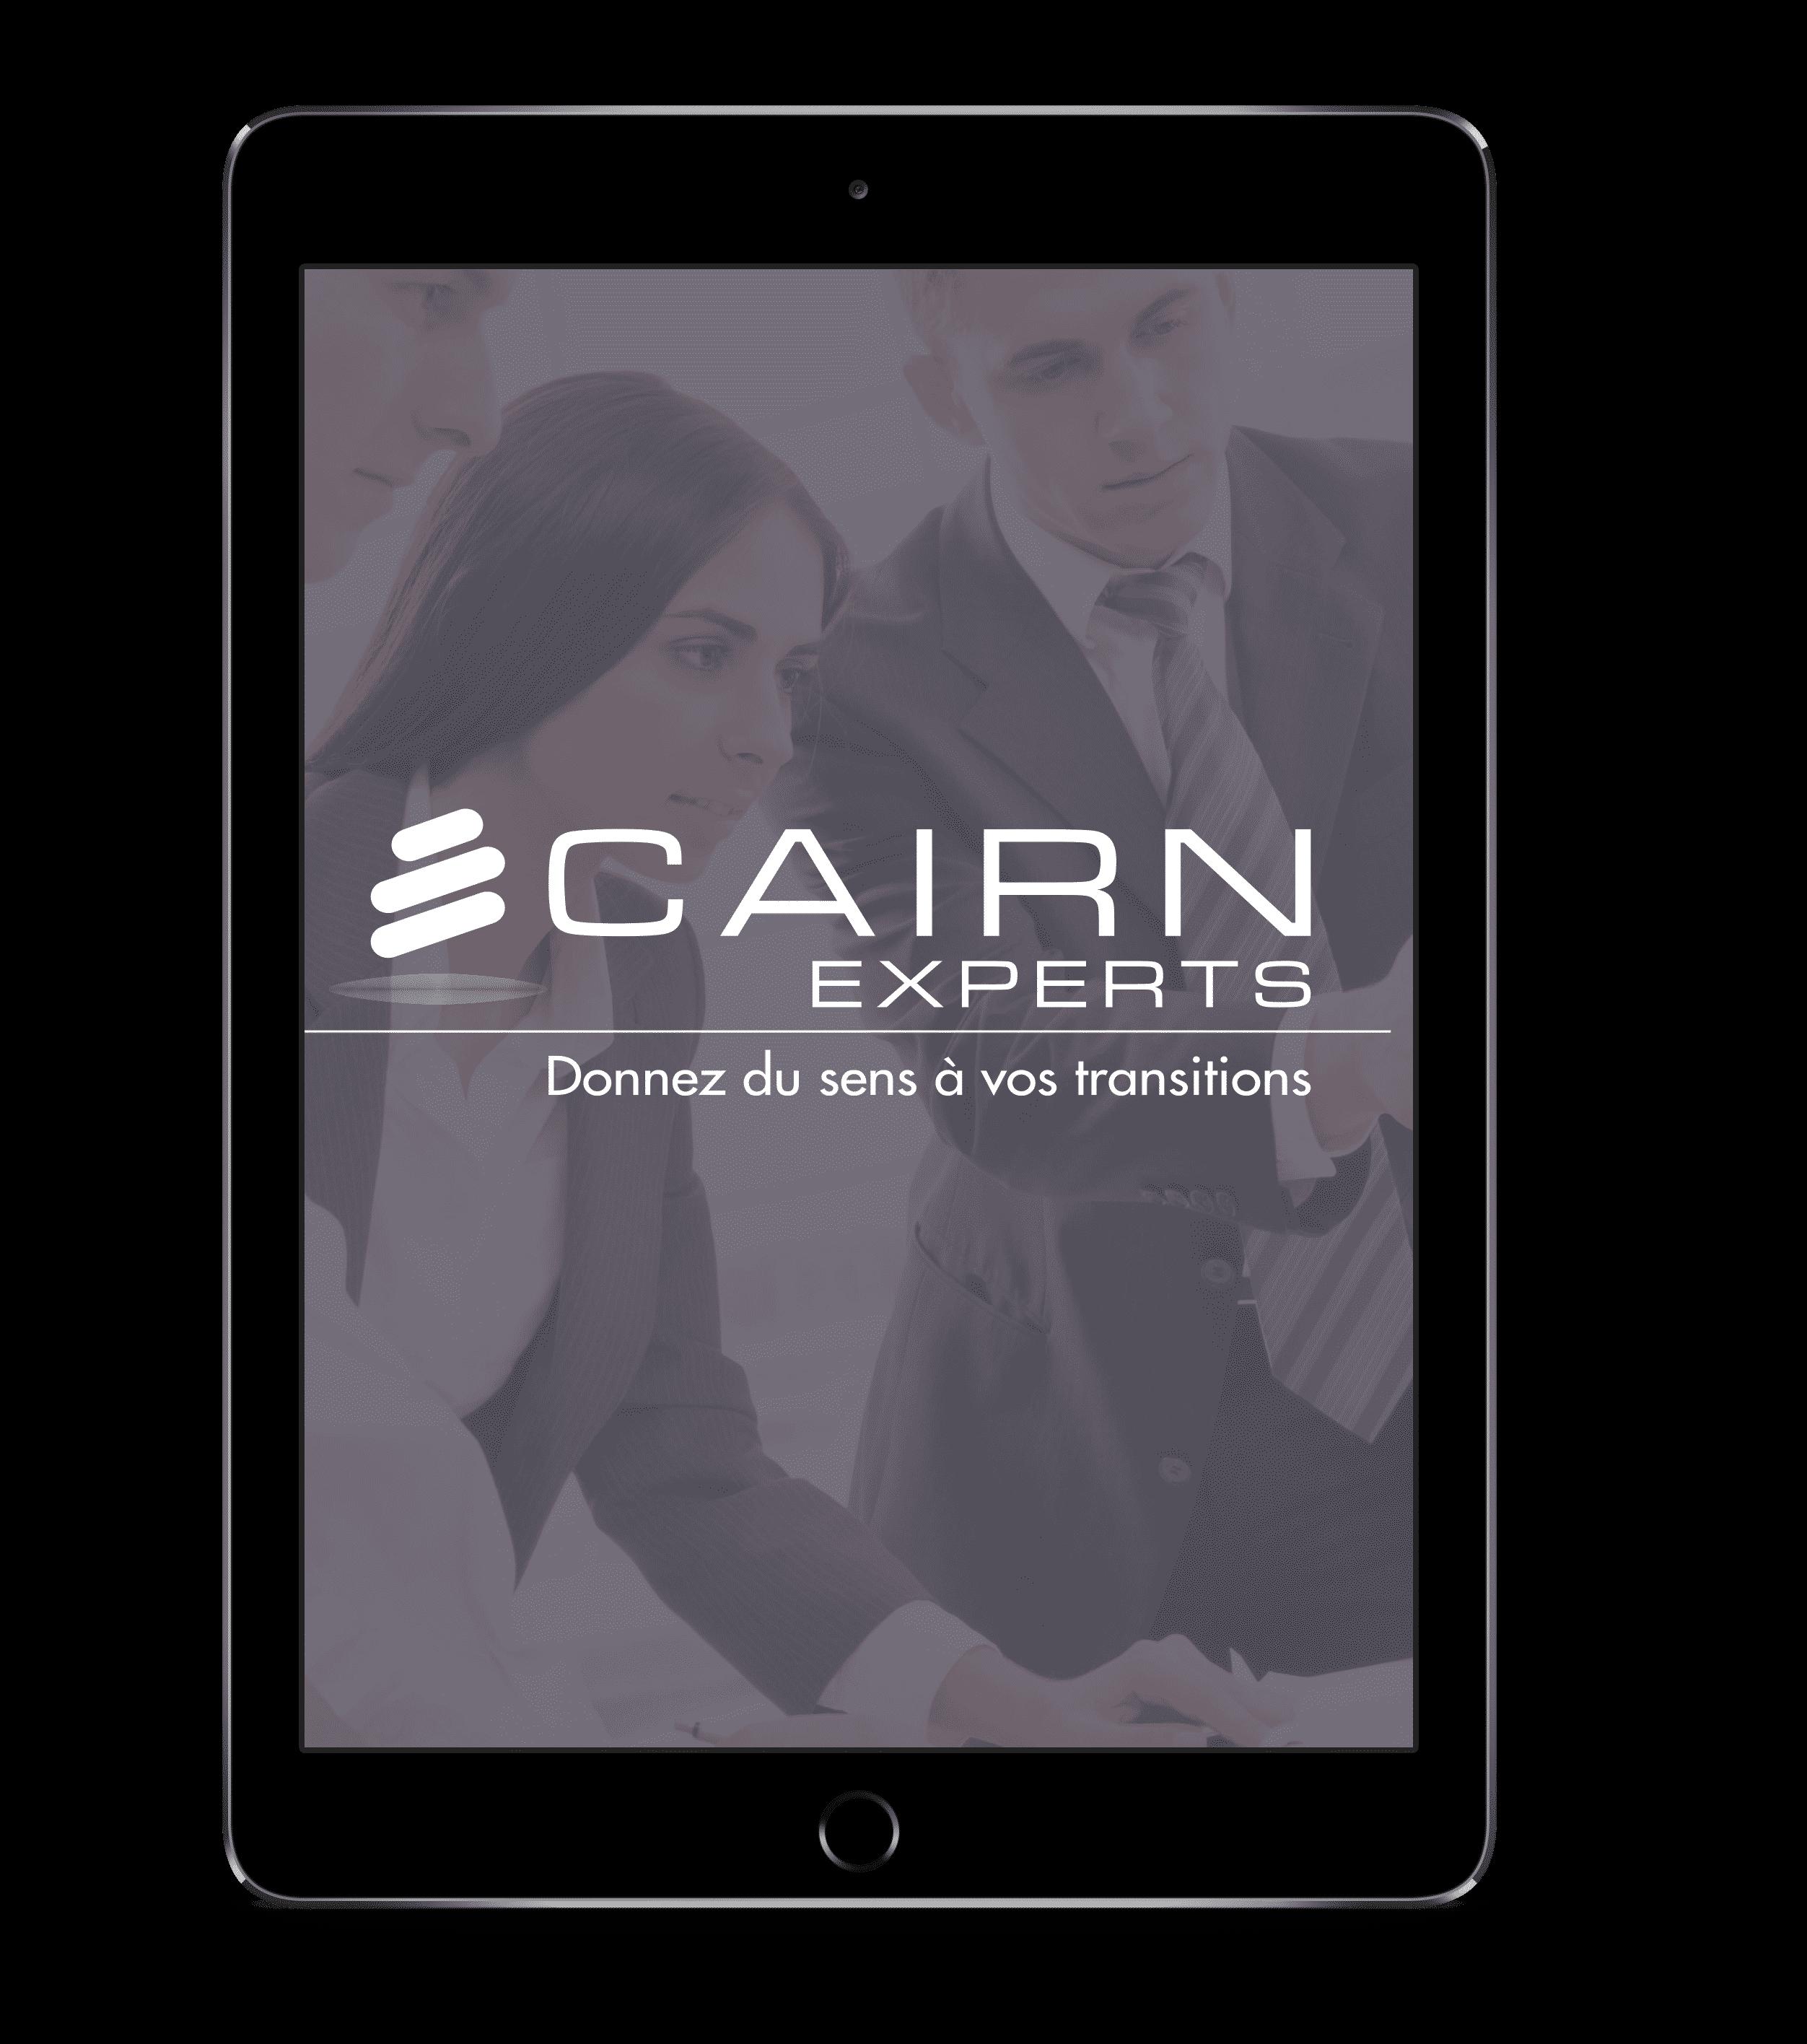 Tablette affichant le logo de Cairn Expert avec une photo de personnes en costume en fond